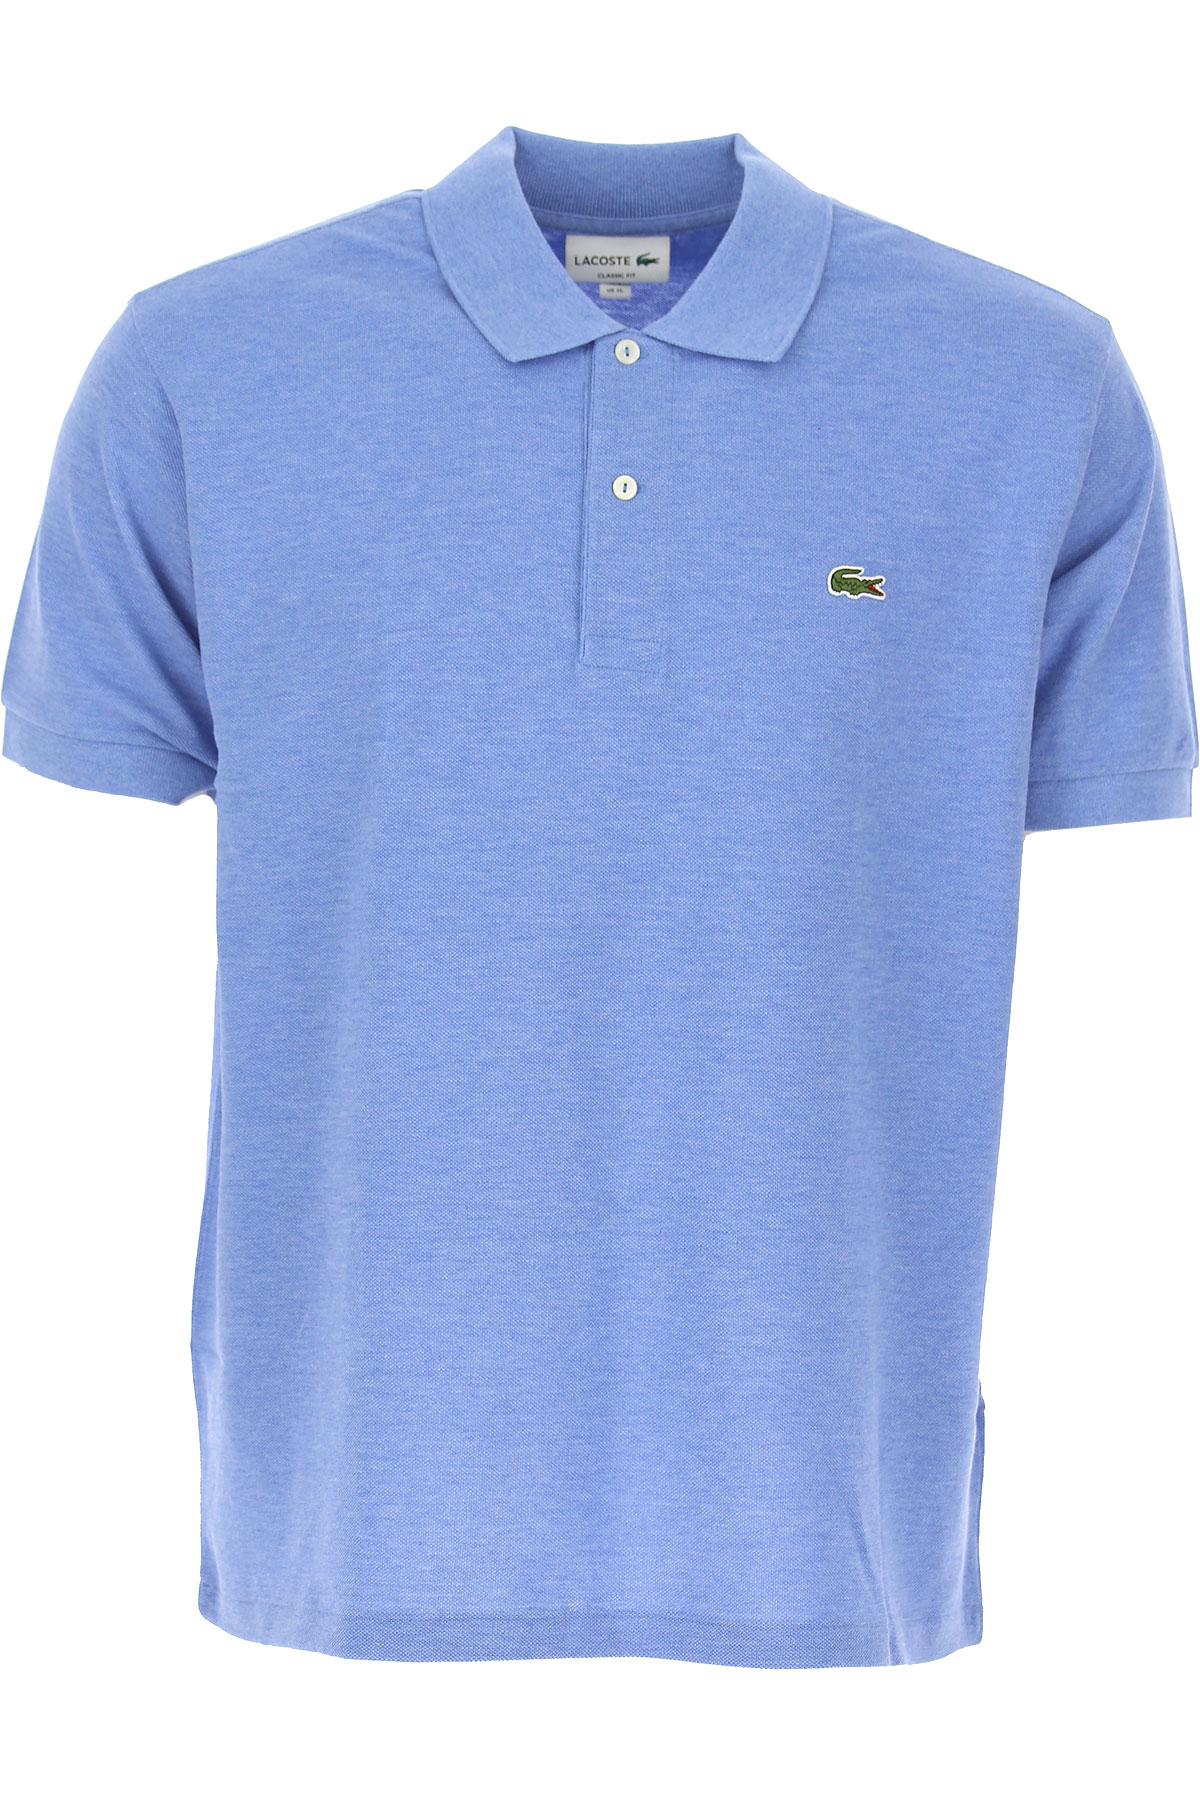 lowest price 9841e 8e680 Lacoste Polo Shirt For Men, Blue, Cotton, 2017, L M S XL XXL